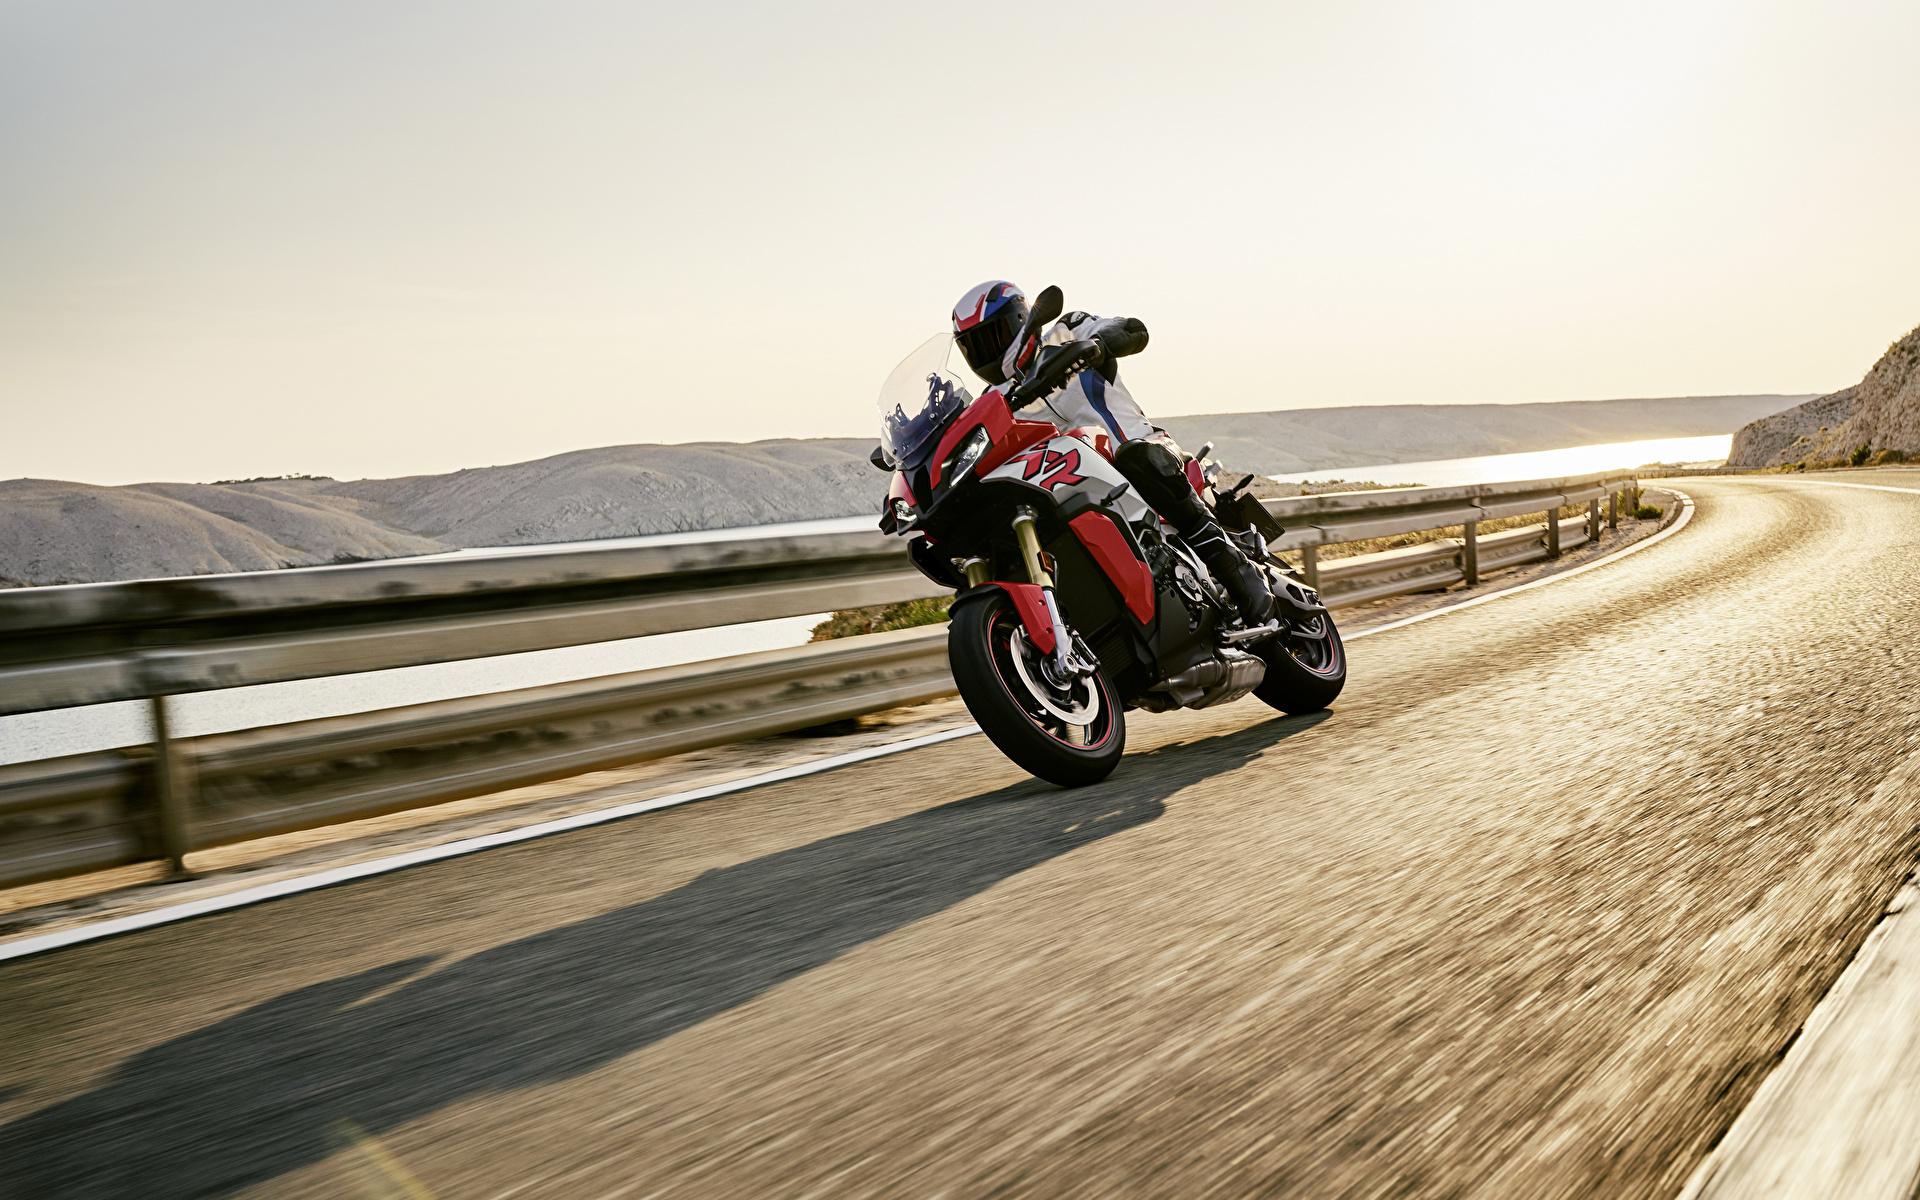 Картинка БМВ 2020 S 1000 XR Мотоциклы едущий Мотоциклист 1920x1200 BMW - Мотоциклы мотоцикл едет едущая Движение скорость